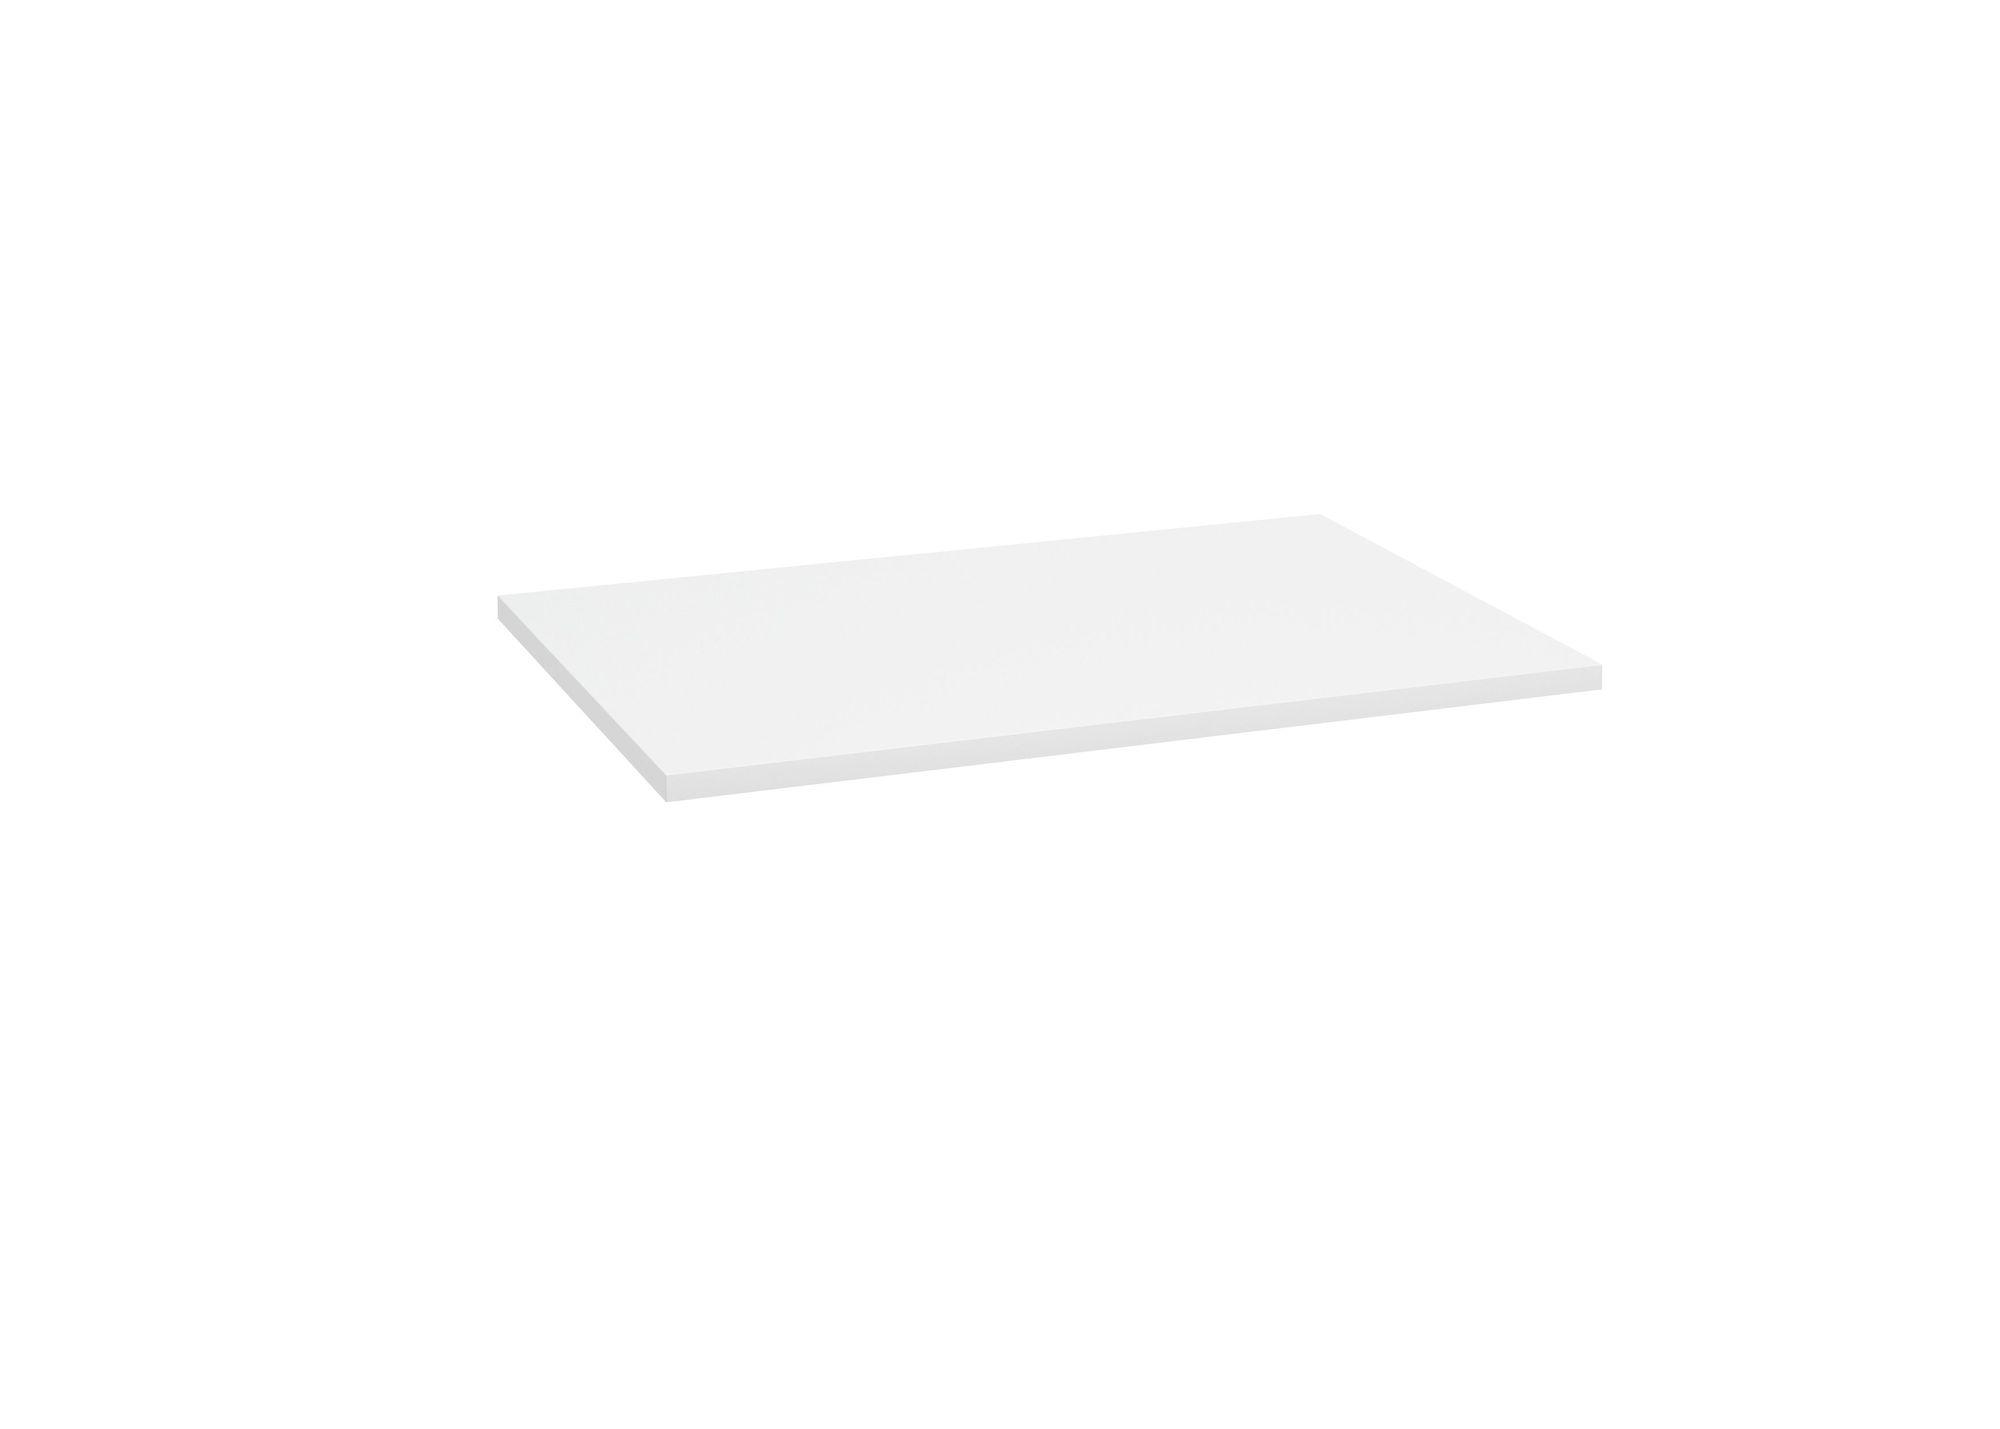 Blat Defra Op-Arty biały połysk 60x40cm 001-F-06001